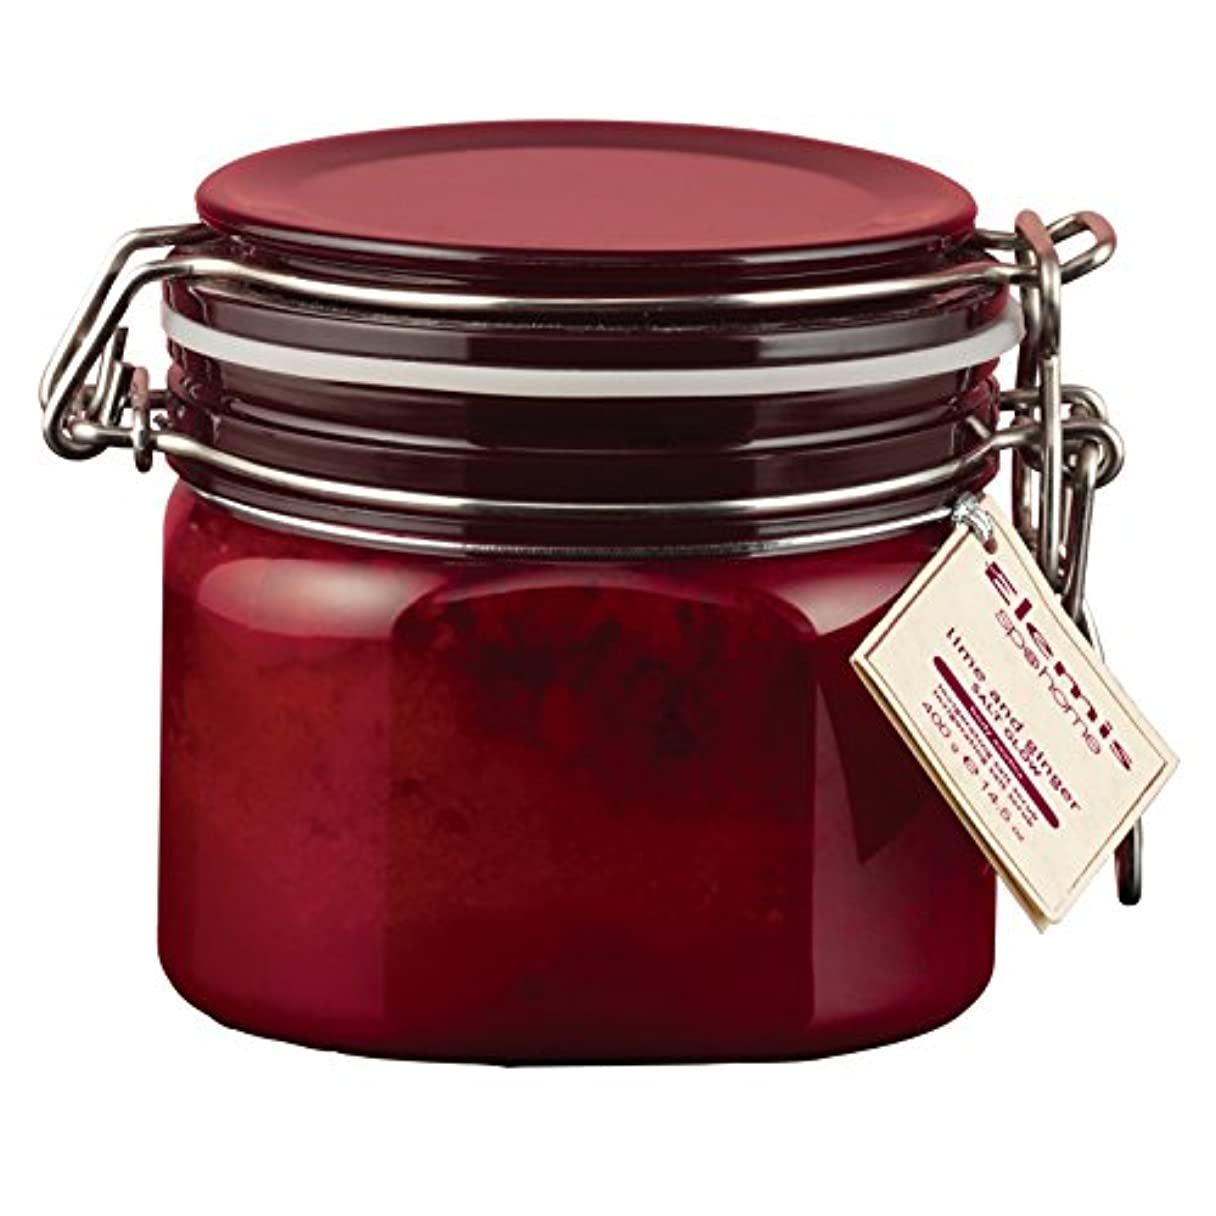 調整可能計算可能高価なエレミスライムとジンジャーソルトグロー410グラム (Elemis) (x2) - Elemis Lime and Ginger Salt Glow 410g (Pack of 2) [並行輸入品]